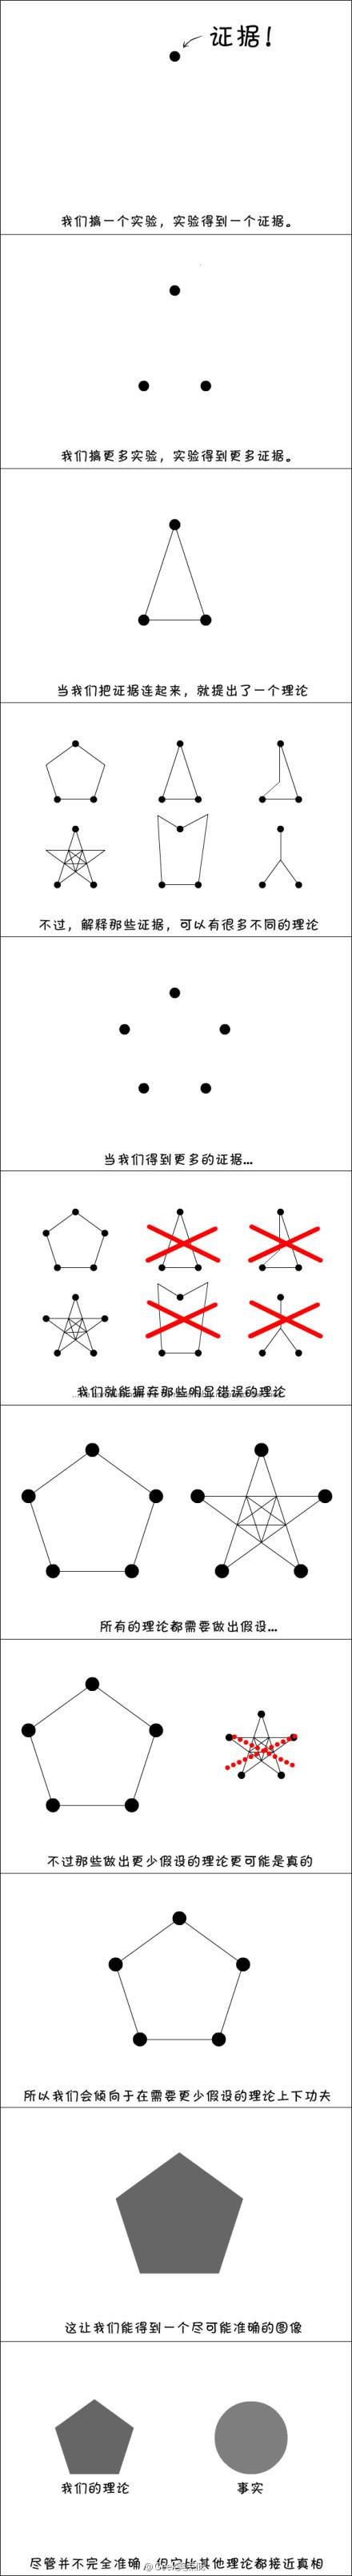 一张图告诉你理论是怎样建立的! 看完之后瞬间就燃了!!!!! via Geek笑点低